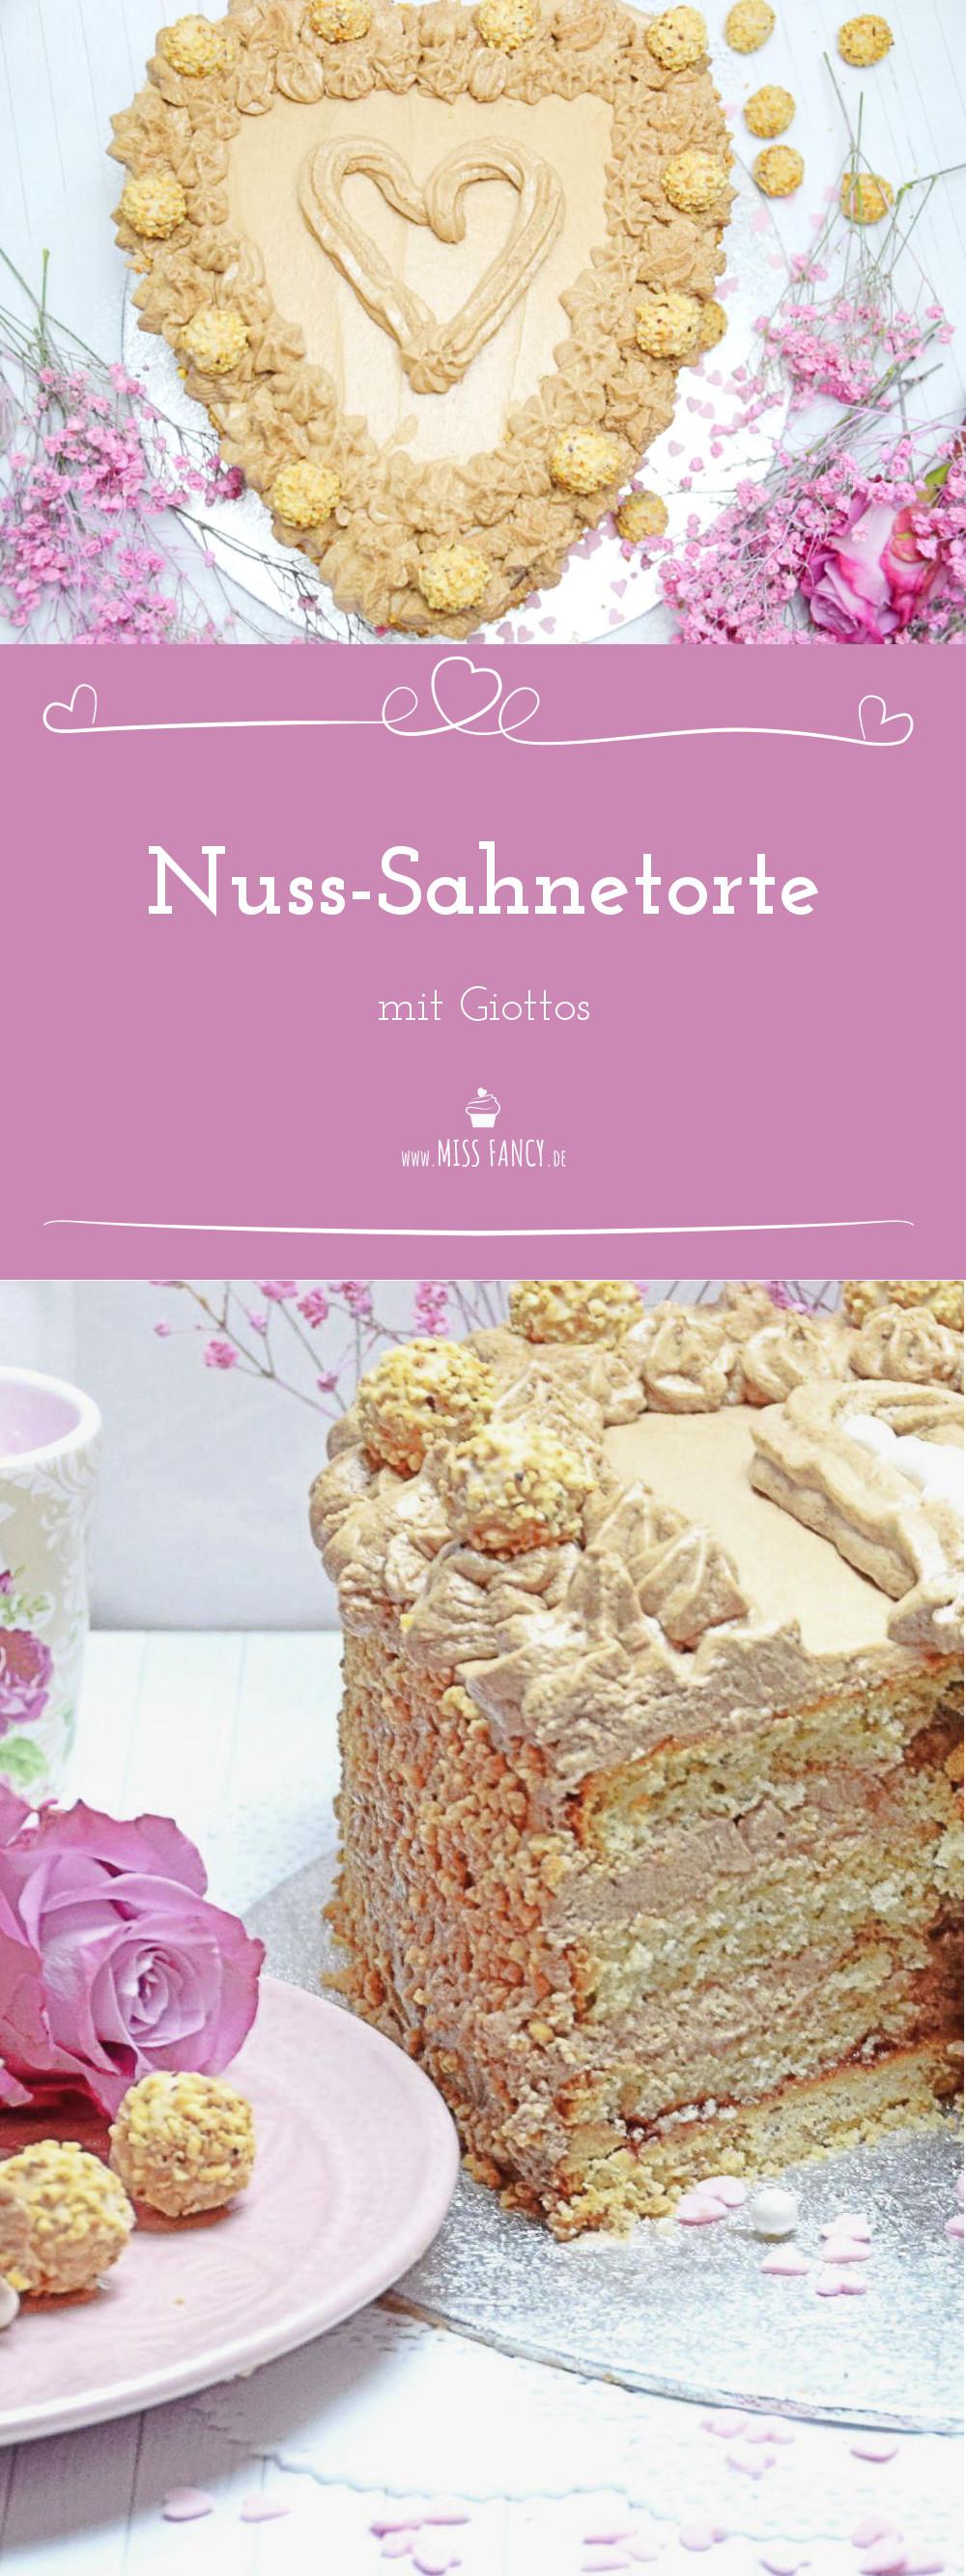 Nuss-Sahne-Torte mit Giottos